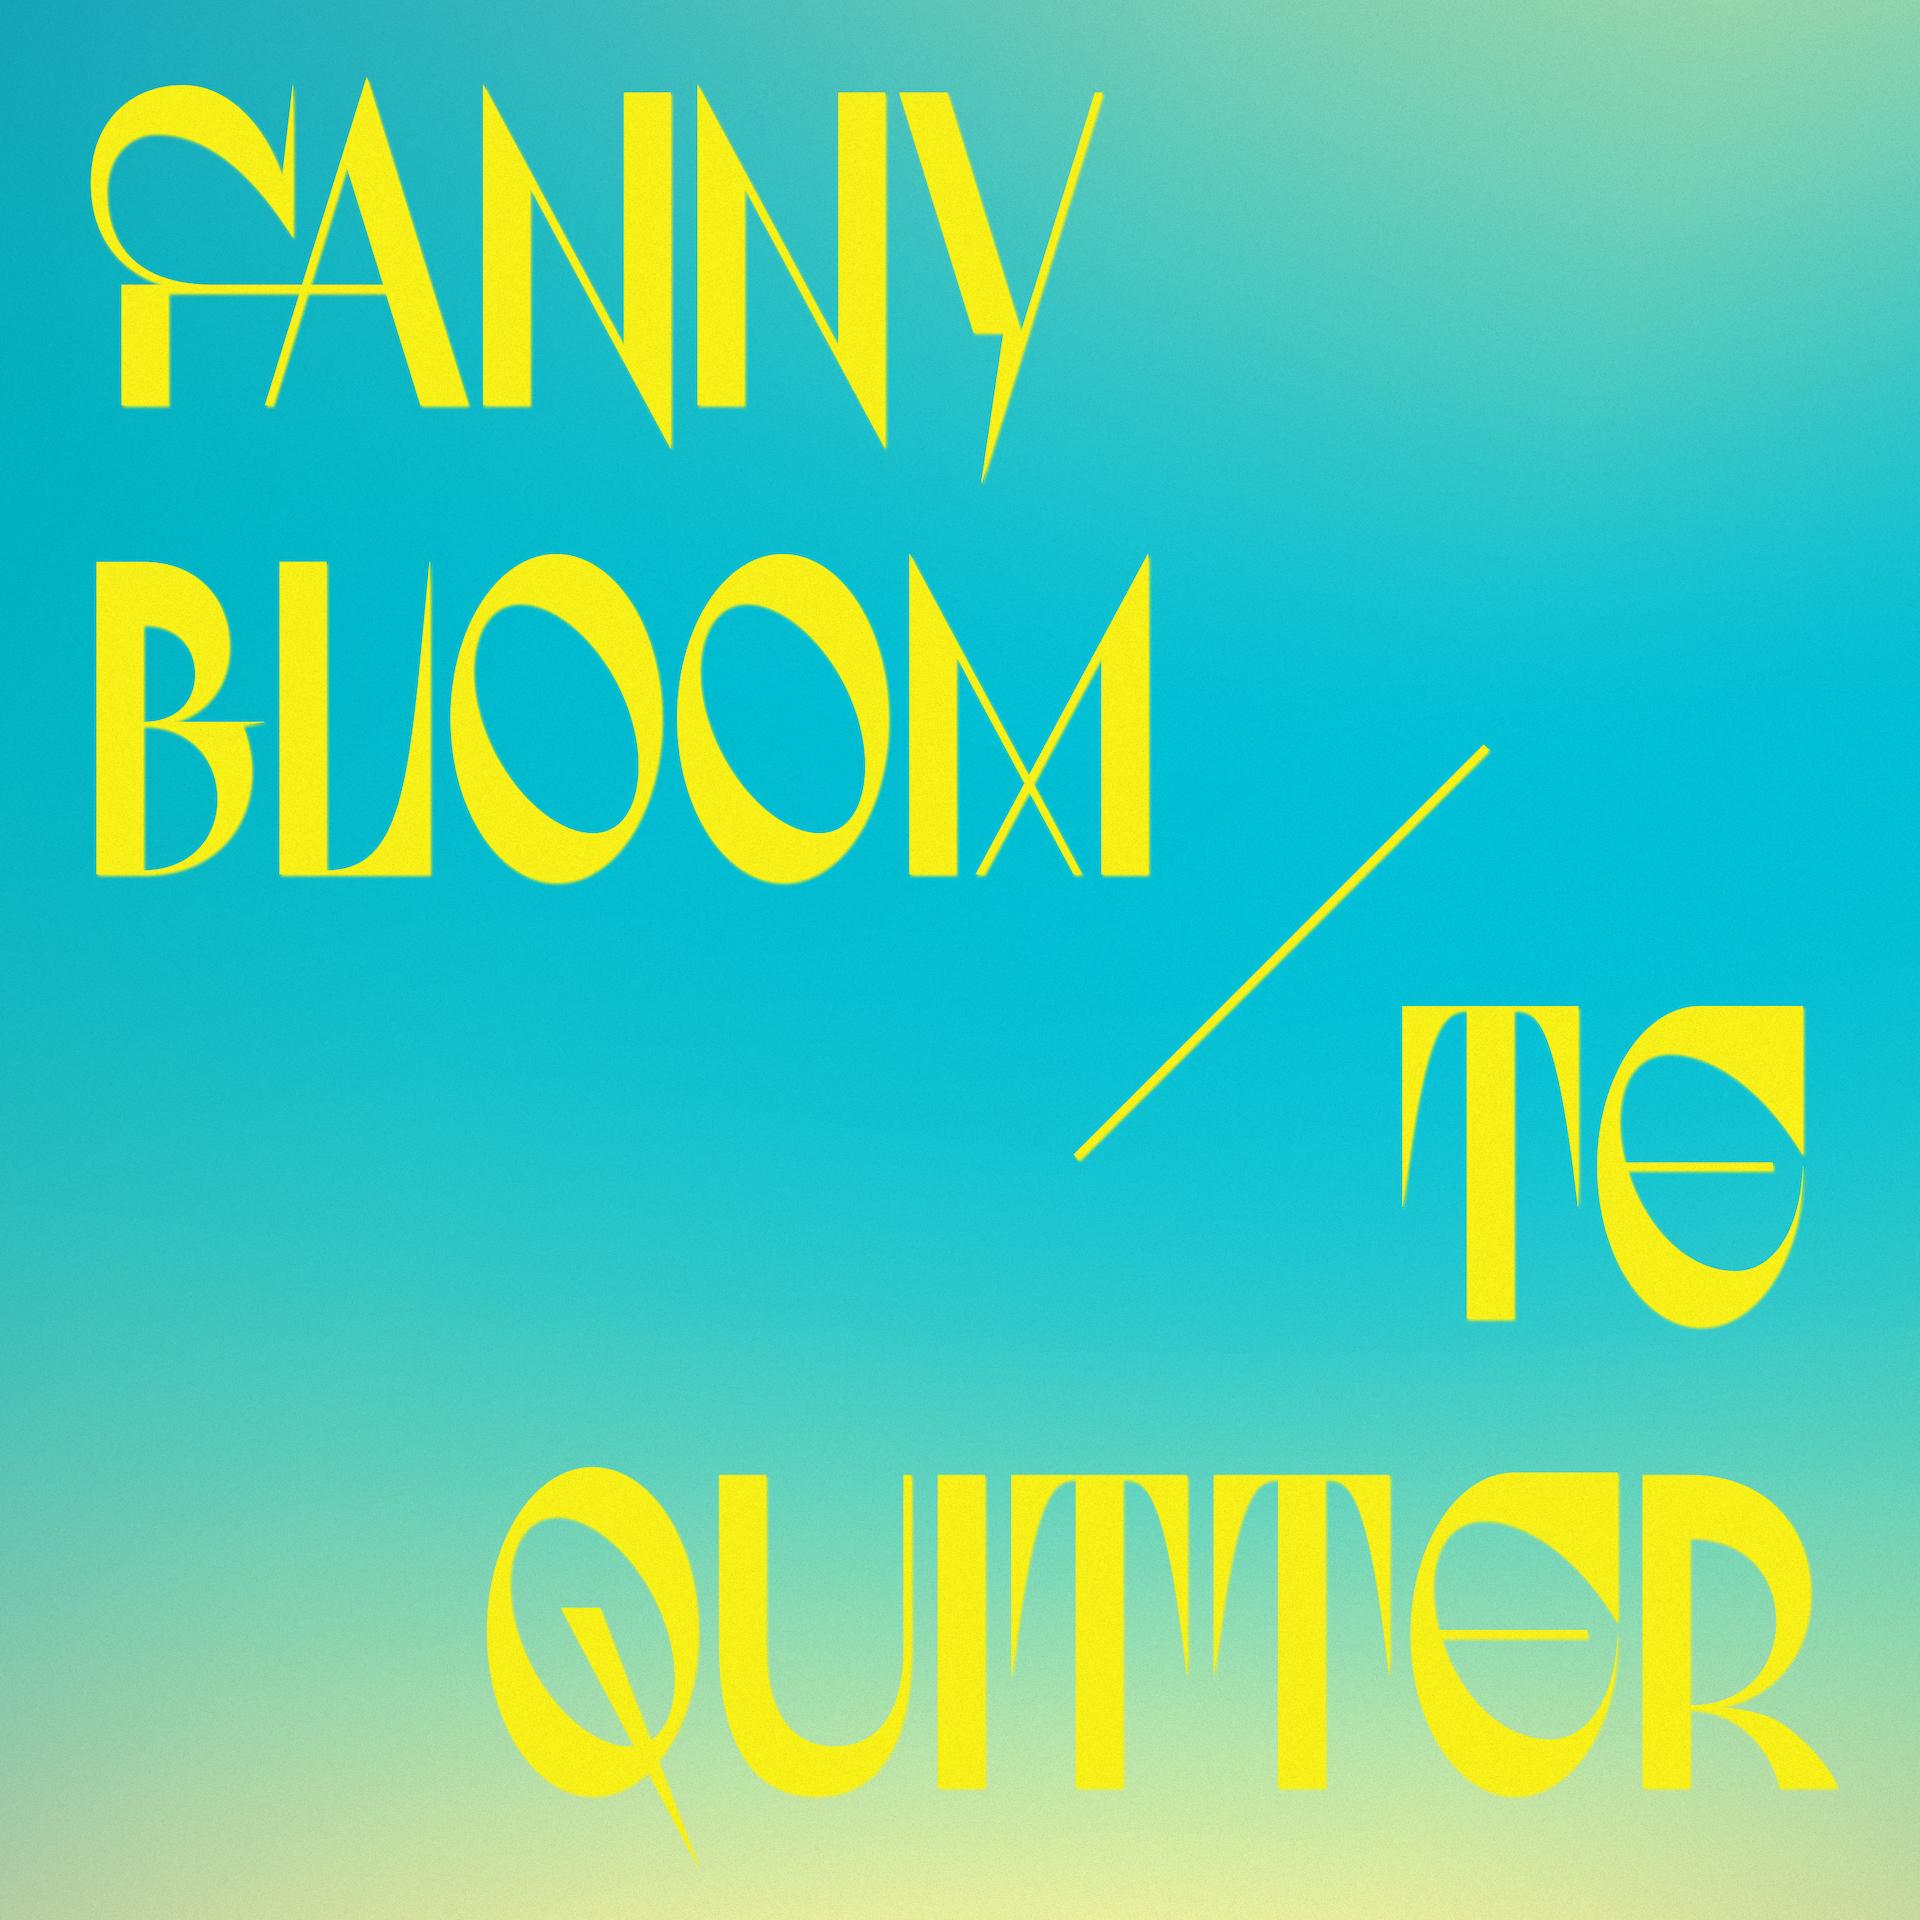 FANNY BLOOM se joint à Audiogram et présente une reprise de Te quitter